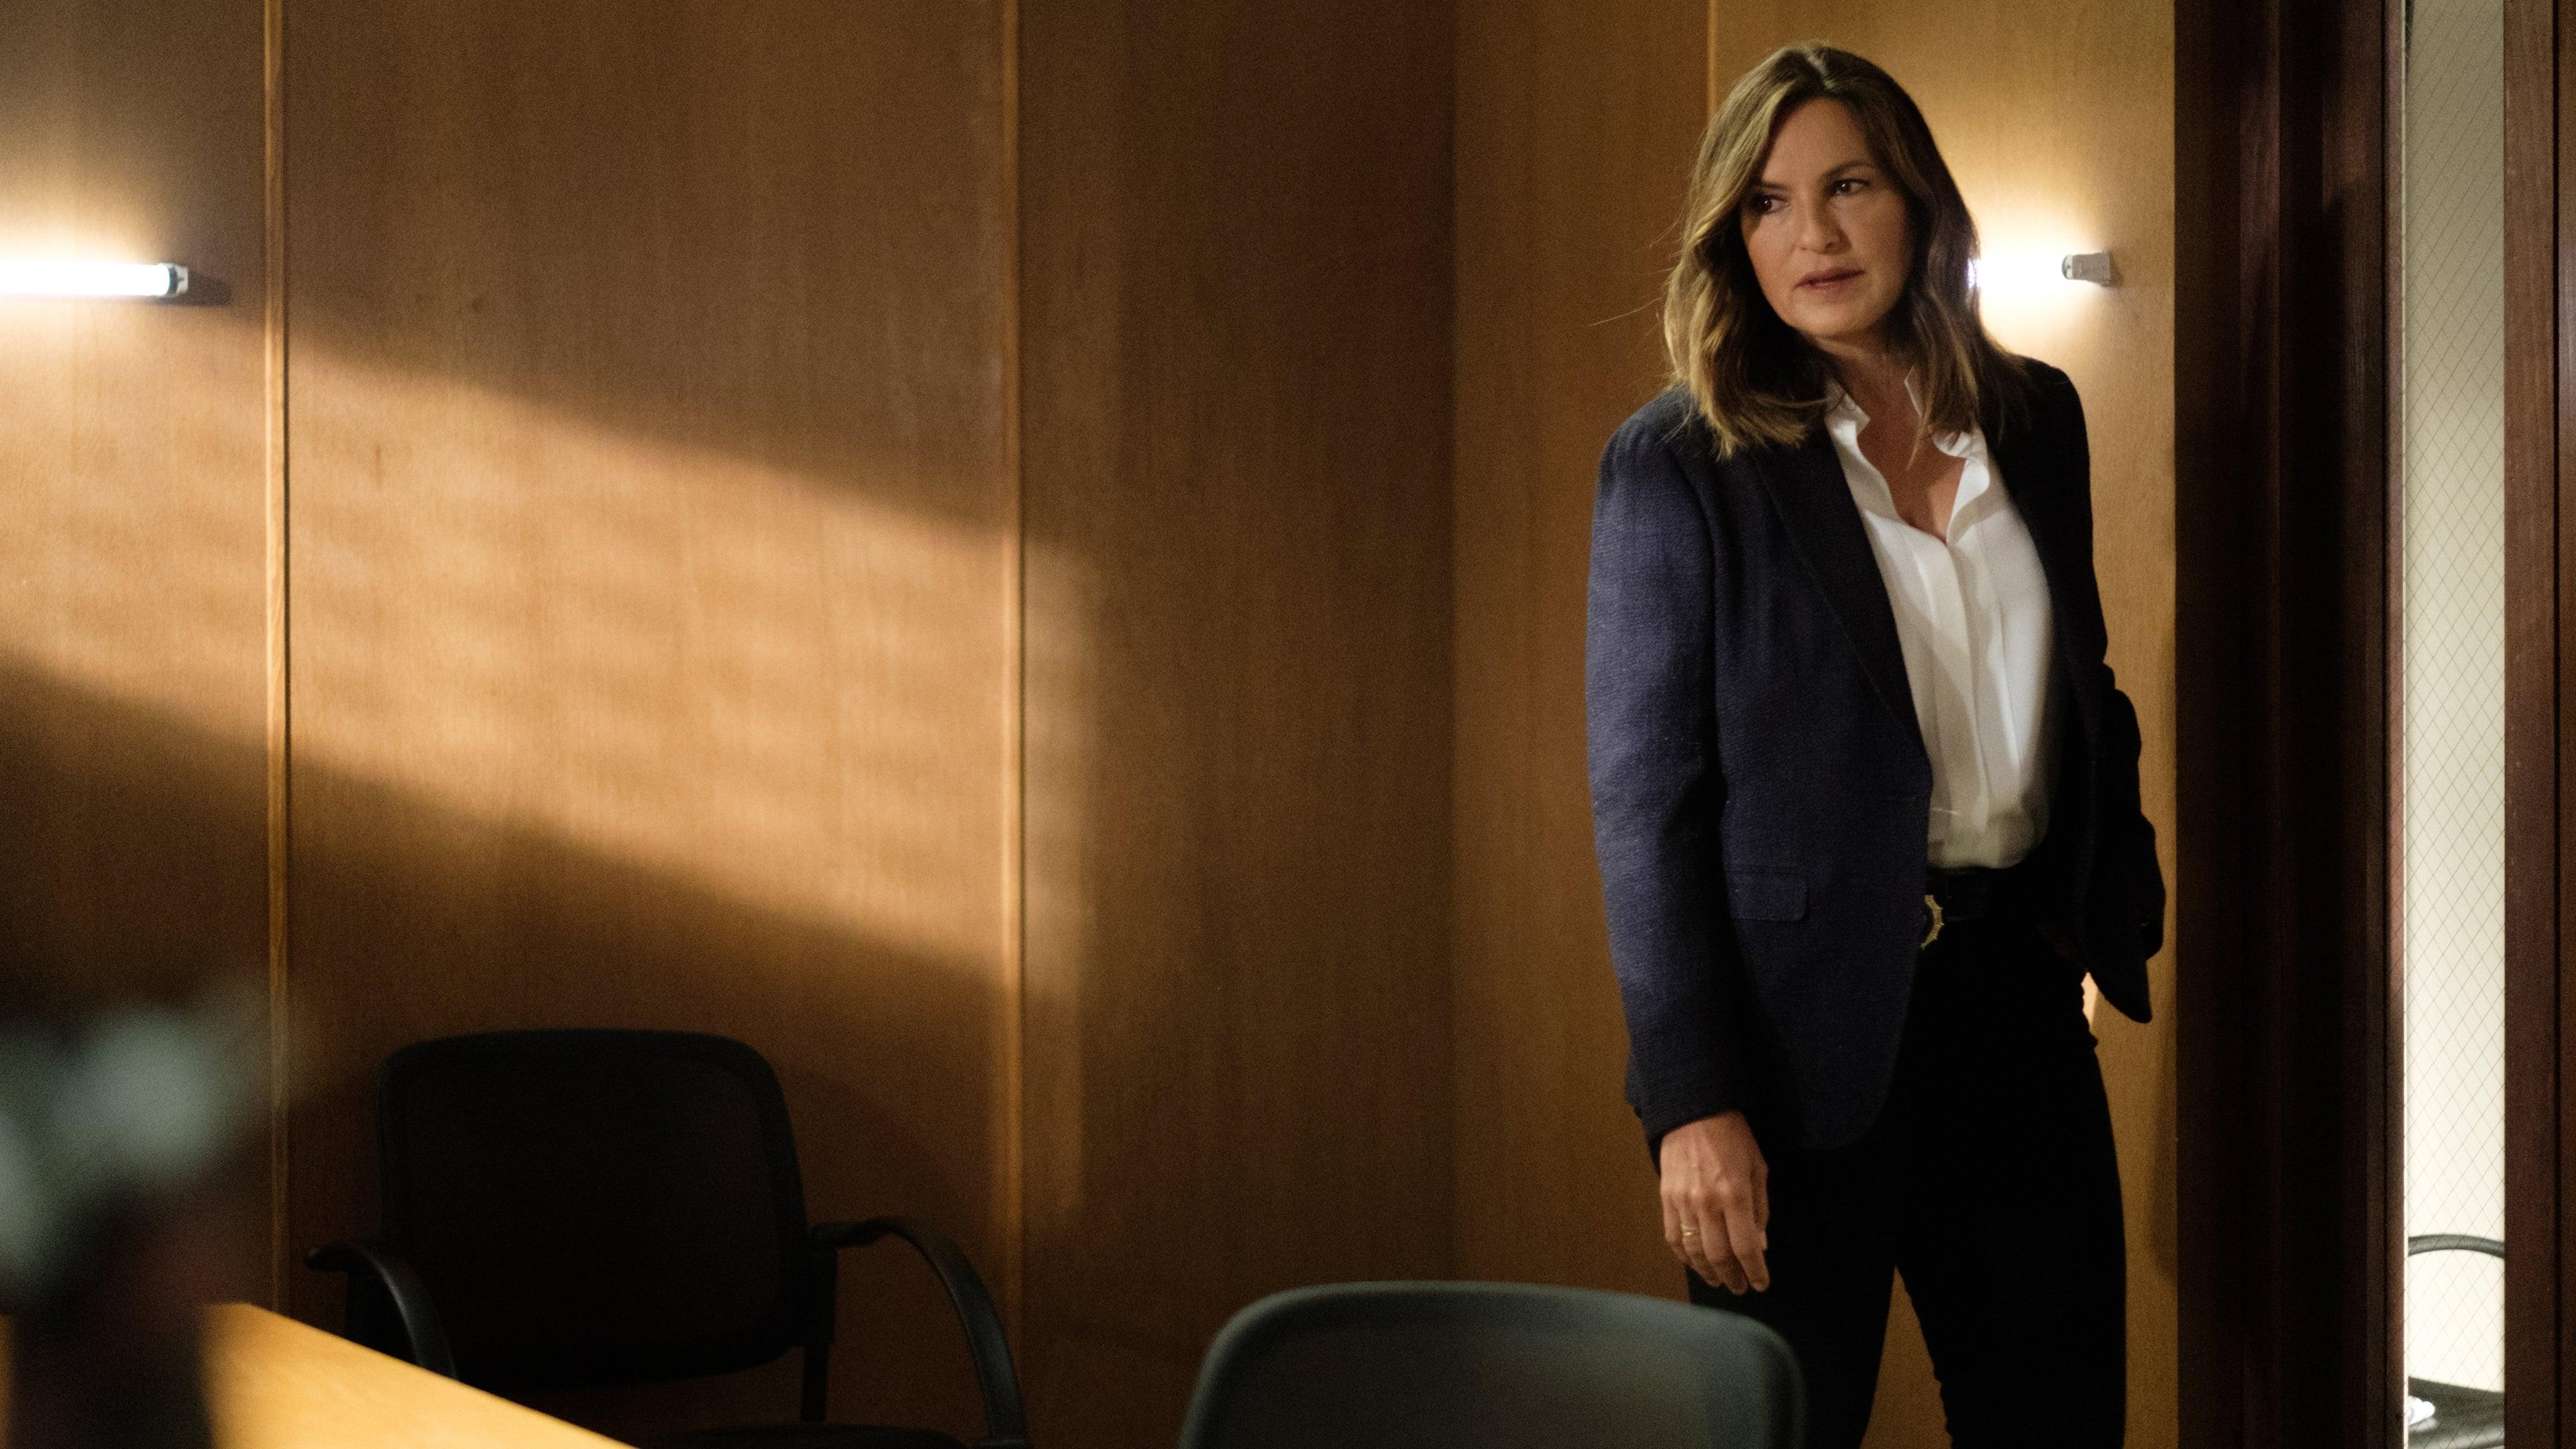 laki ja järjestys SVU tehdä Benson ja Stabler koskaan koukkudating sites ja masennus